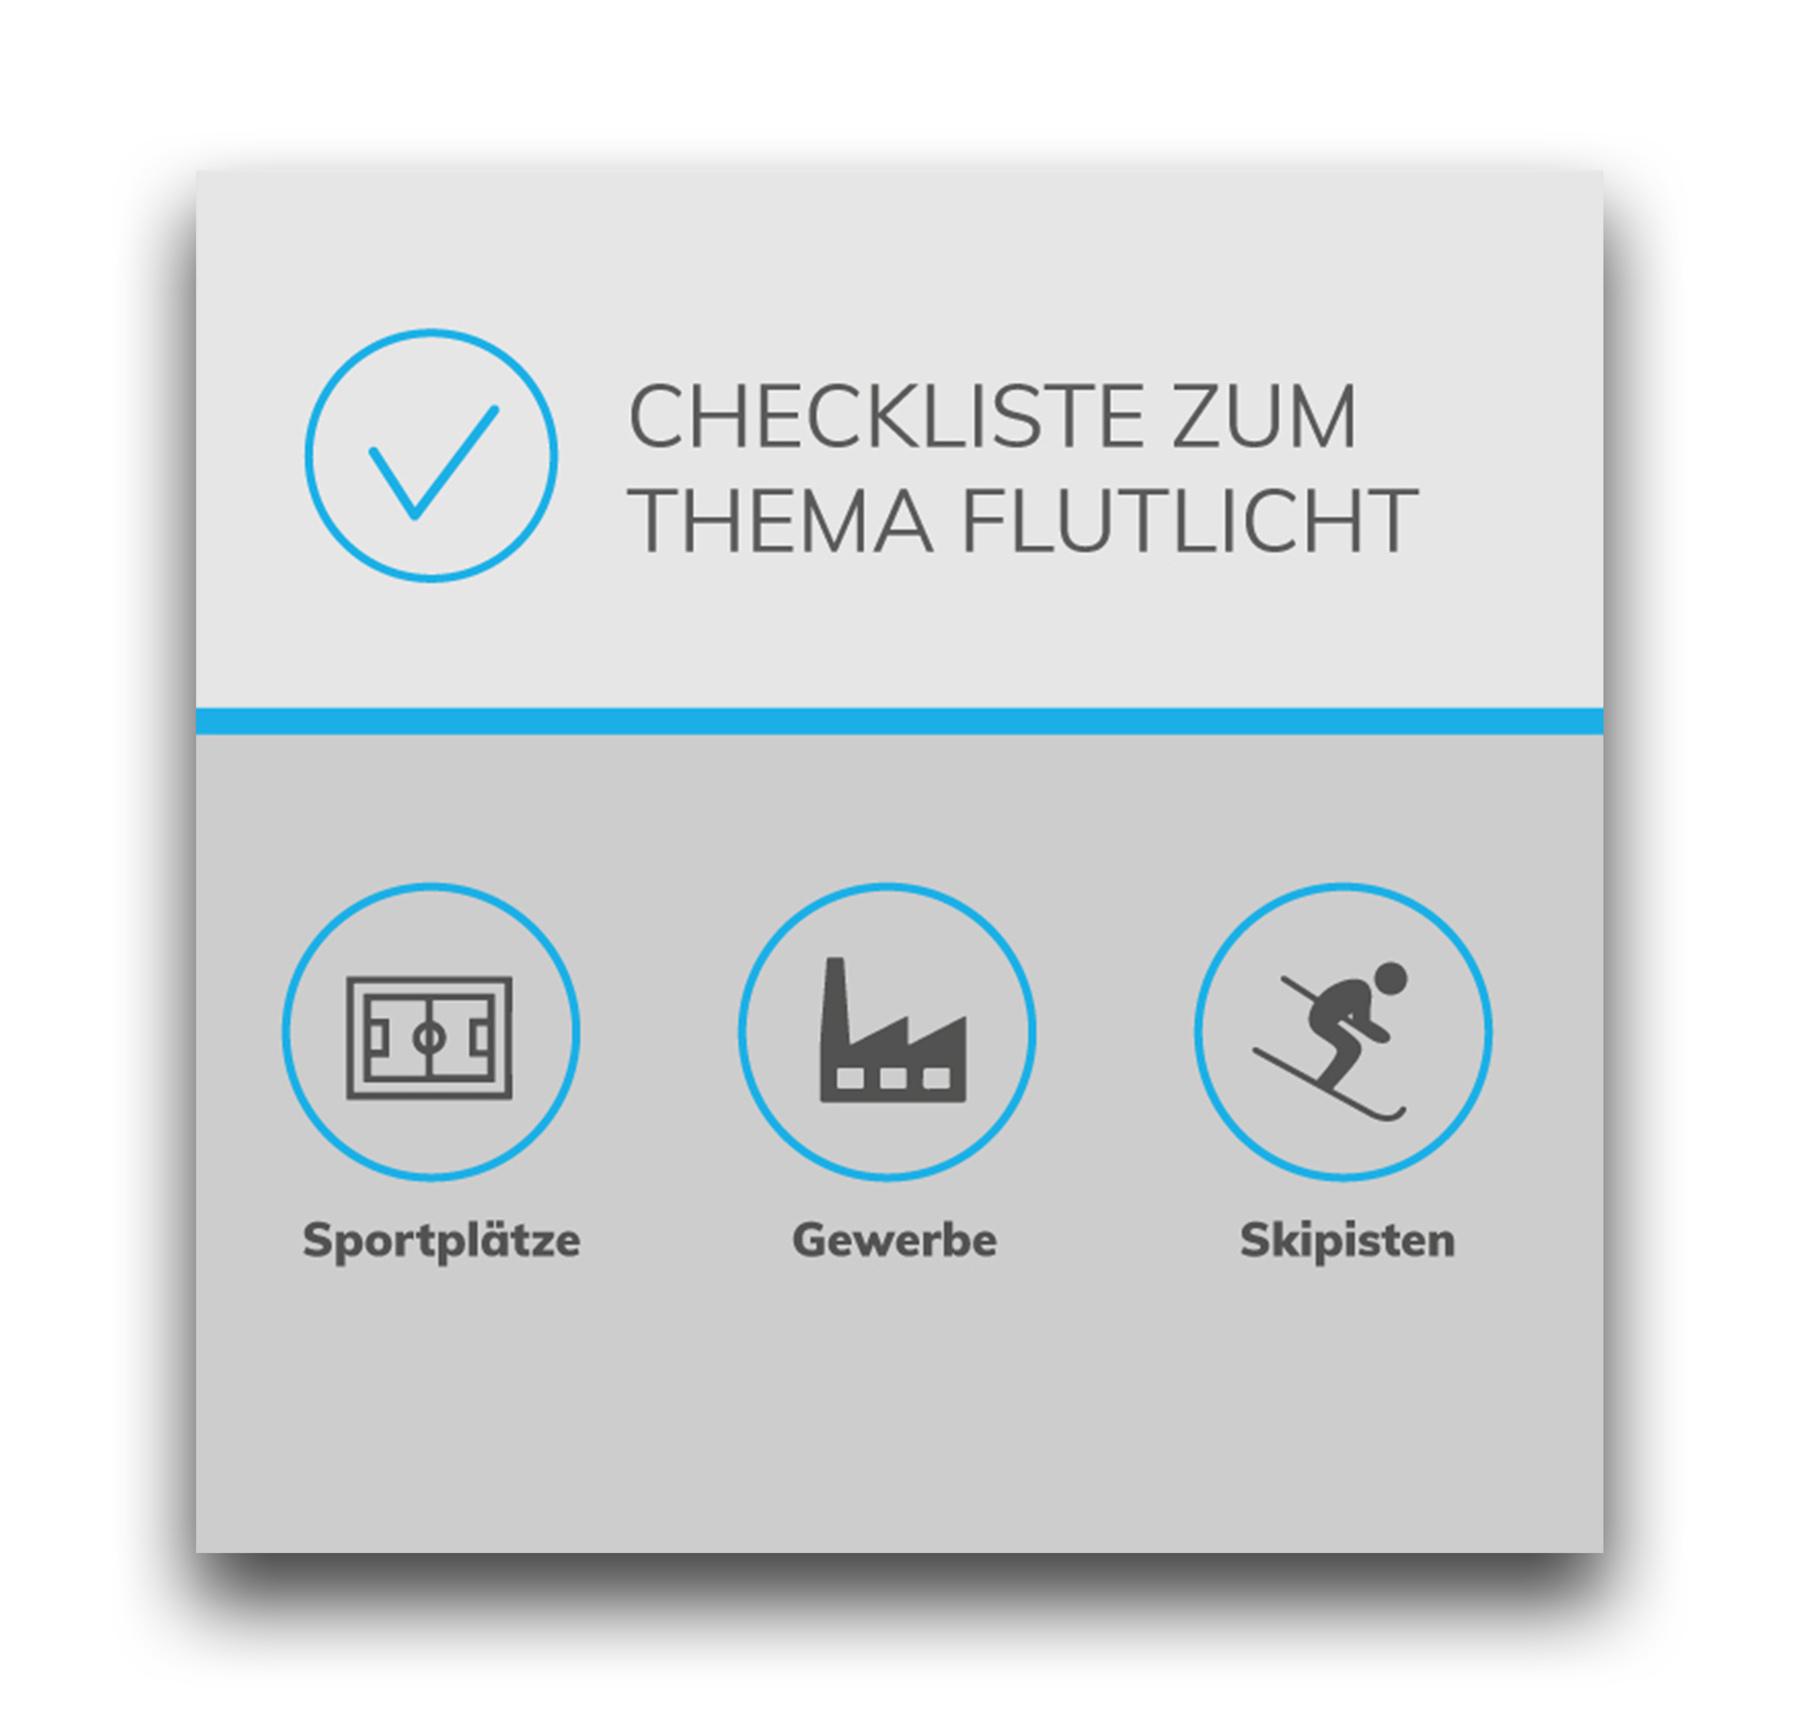 lichtanlagen led flutlicht checkliste